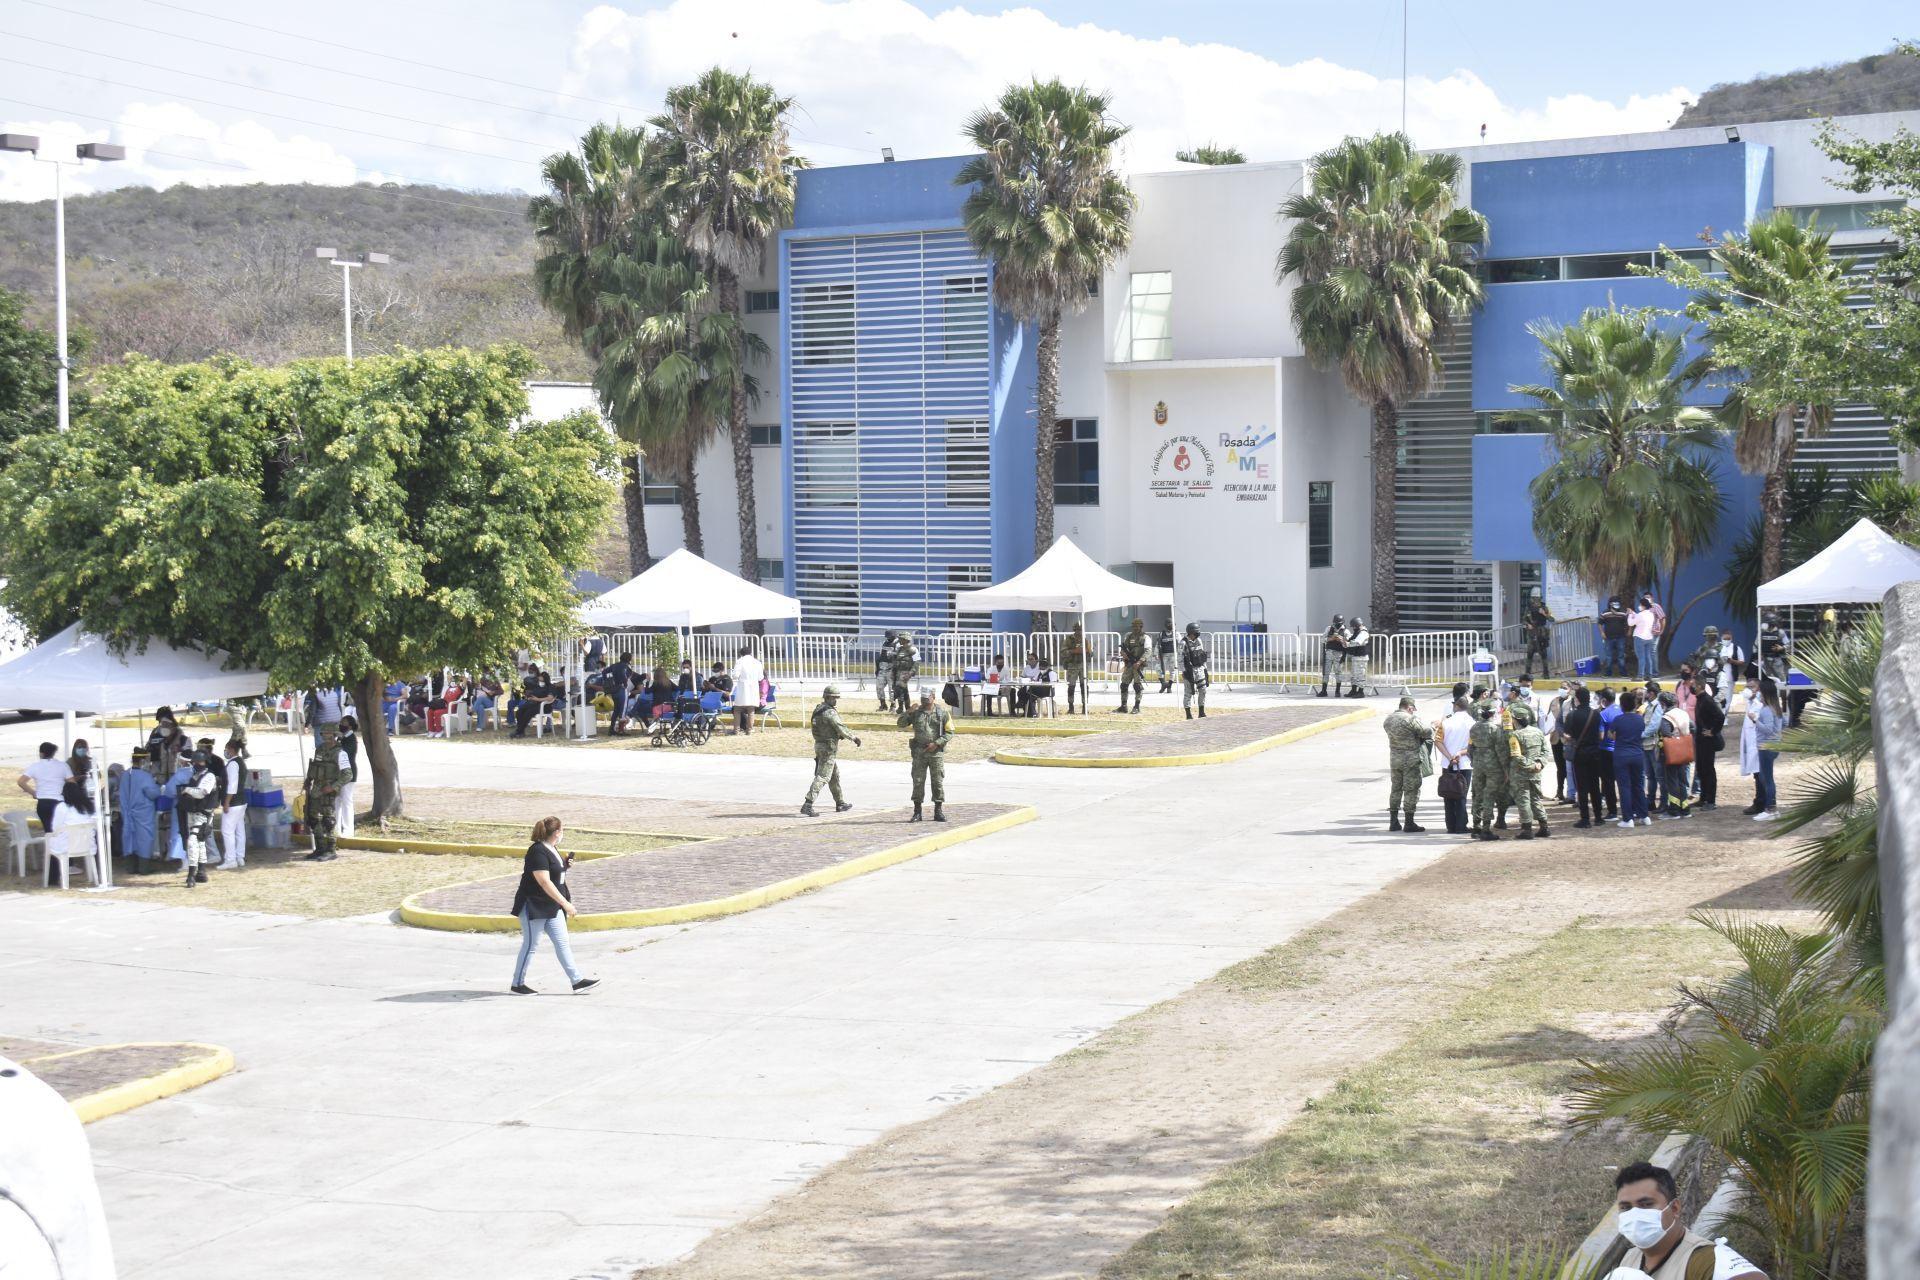 VACUNACION - PERSONAL MEDICO - MEXICO - VACUNA - COVID 19 - CORONAVIRUS - 14012021